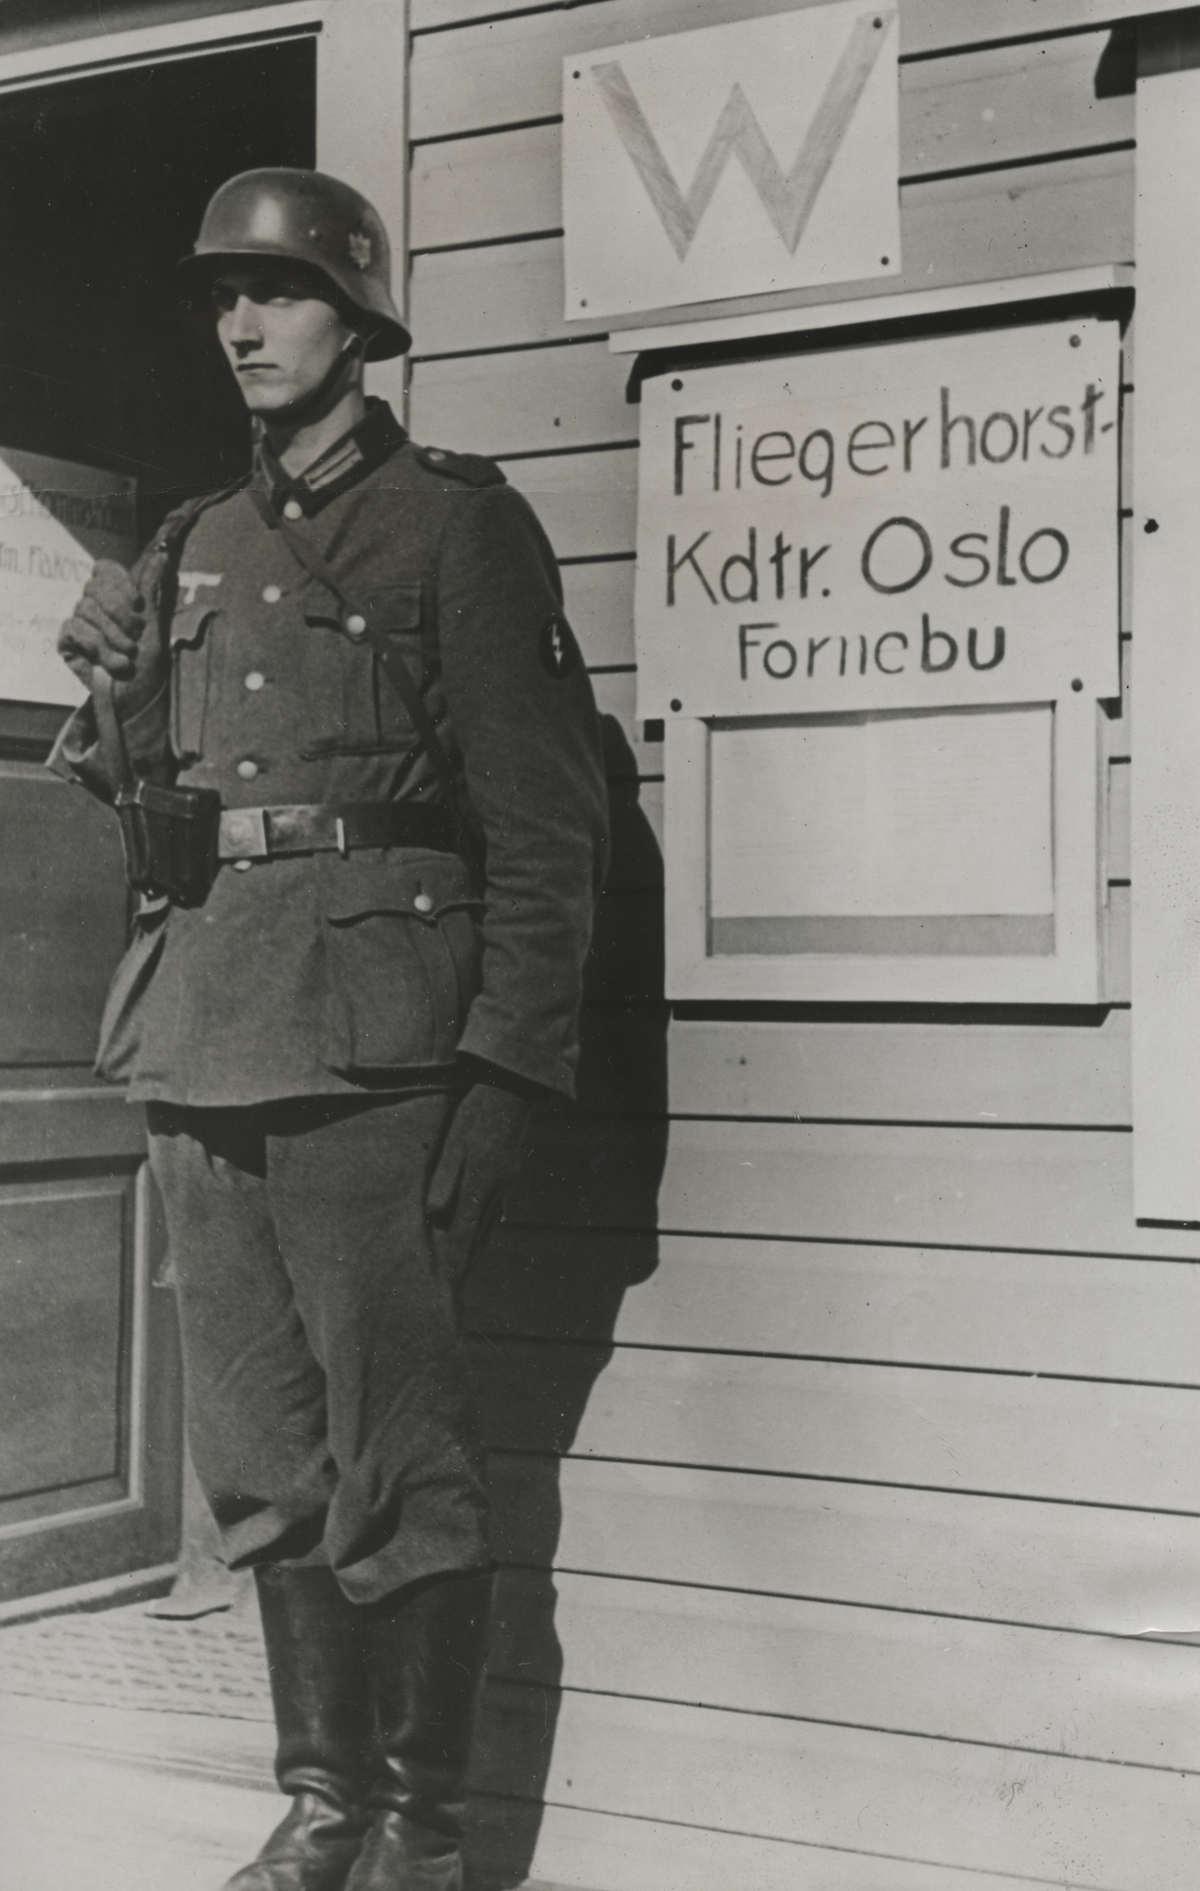 tweede wereldoorlog duitse soldaat staat in de houding